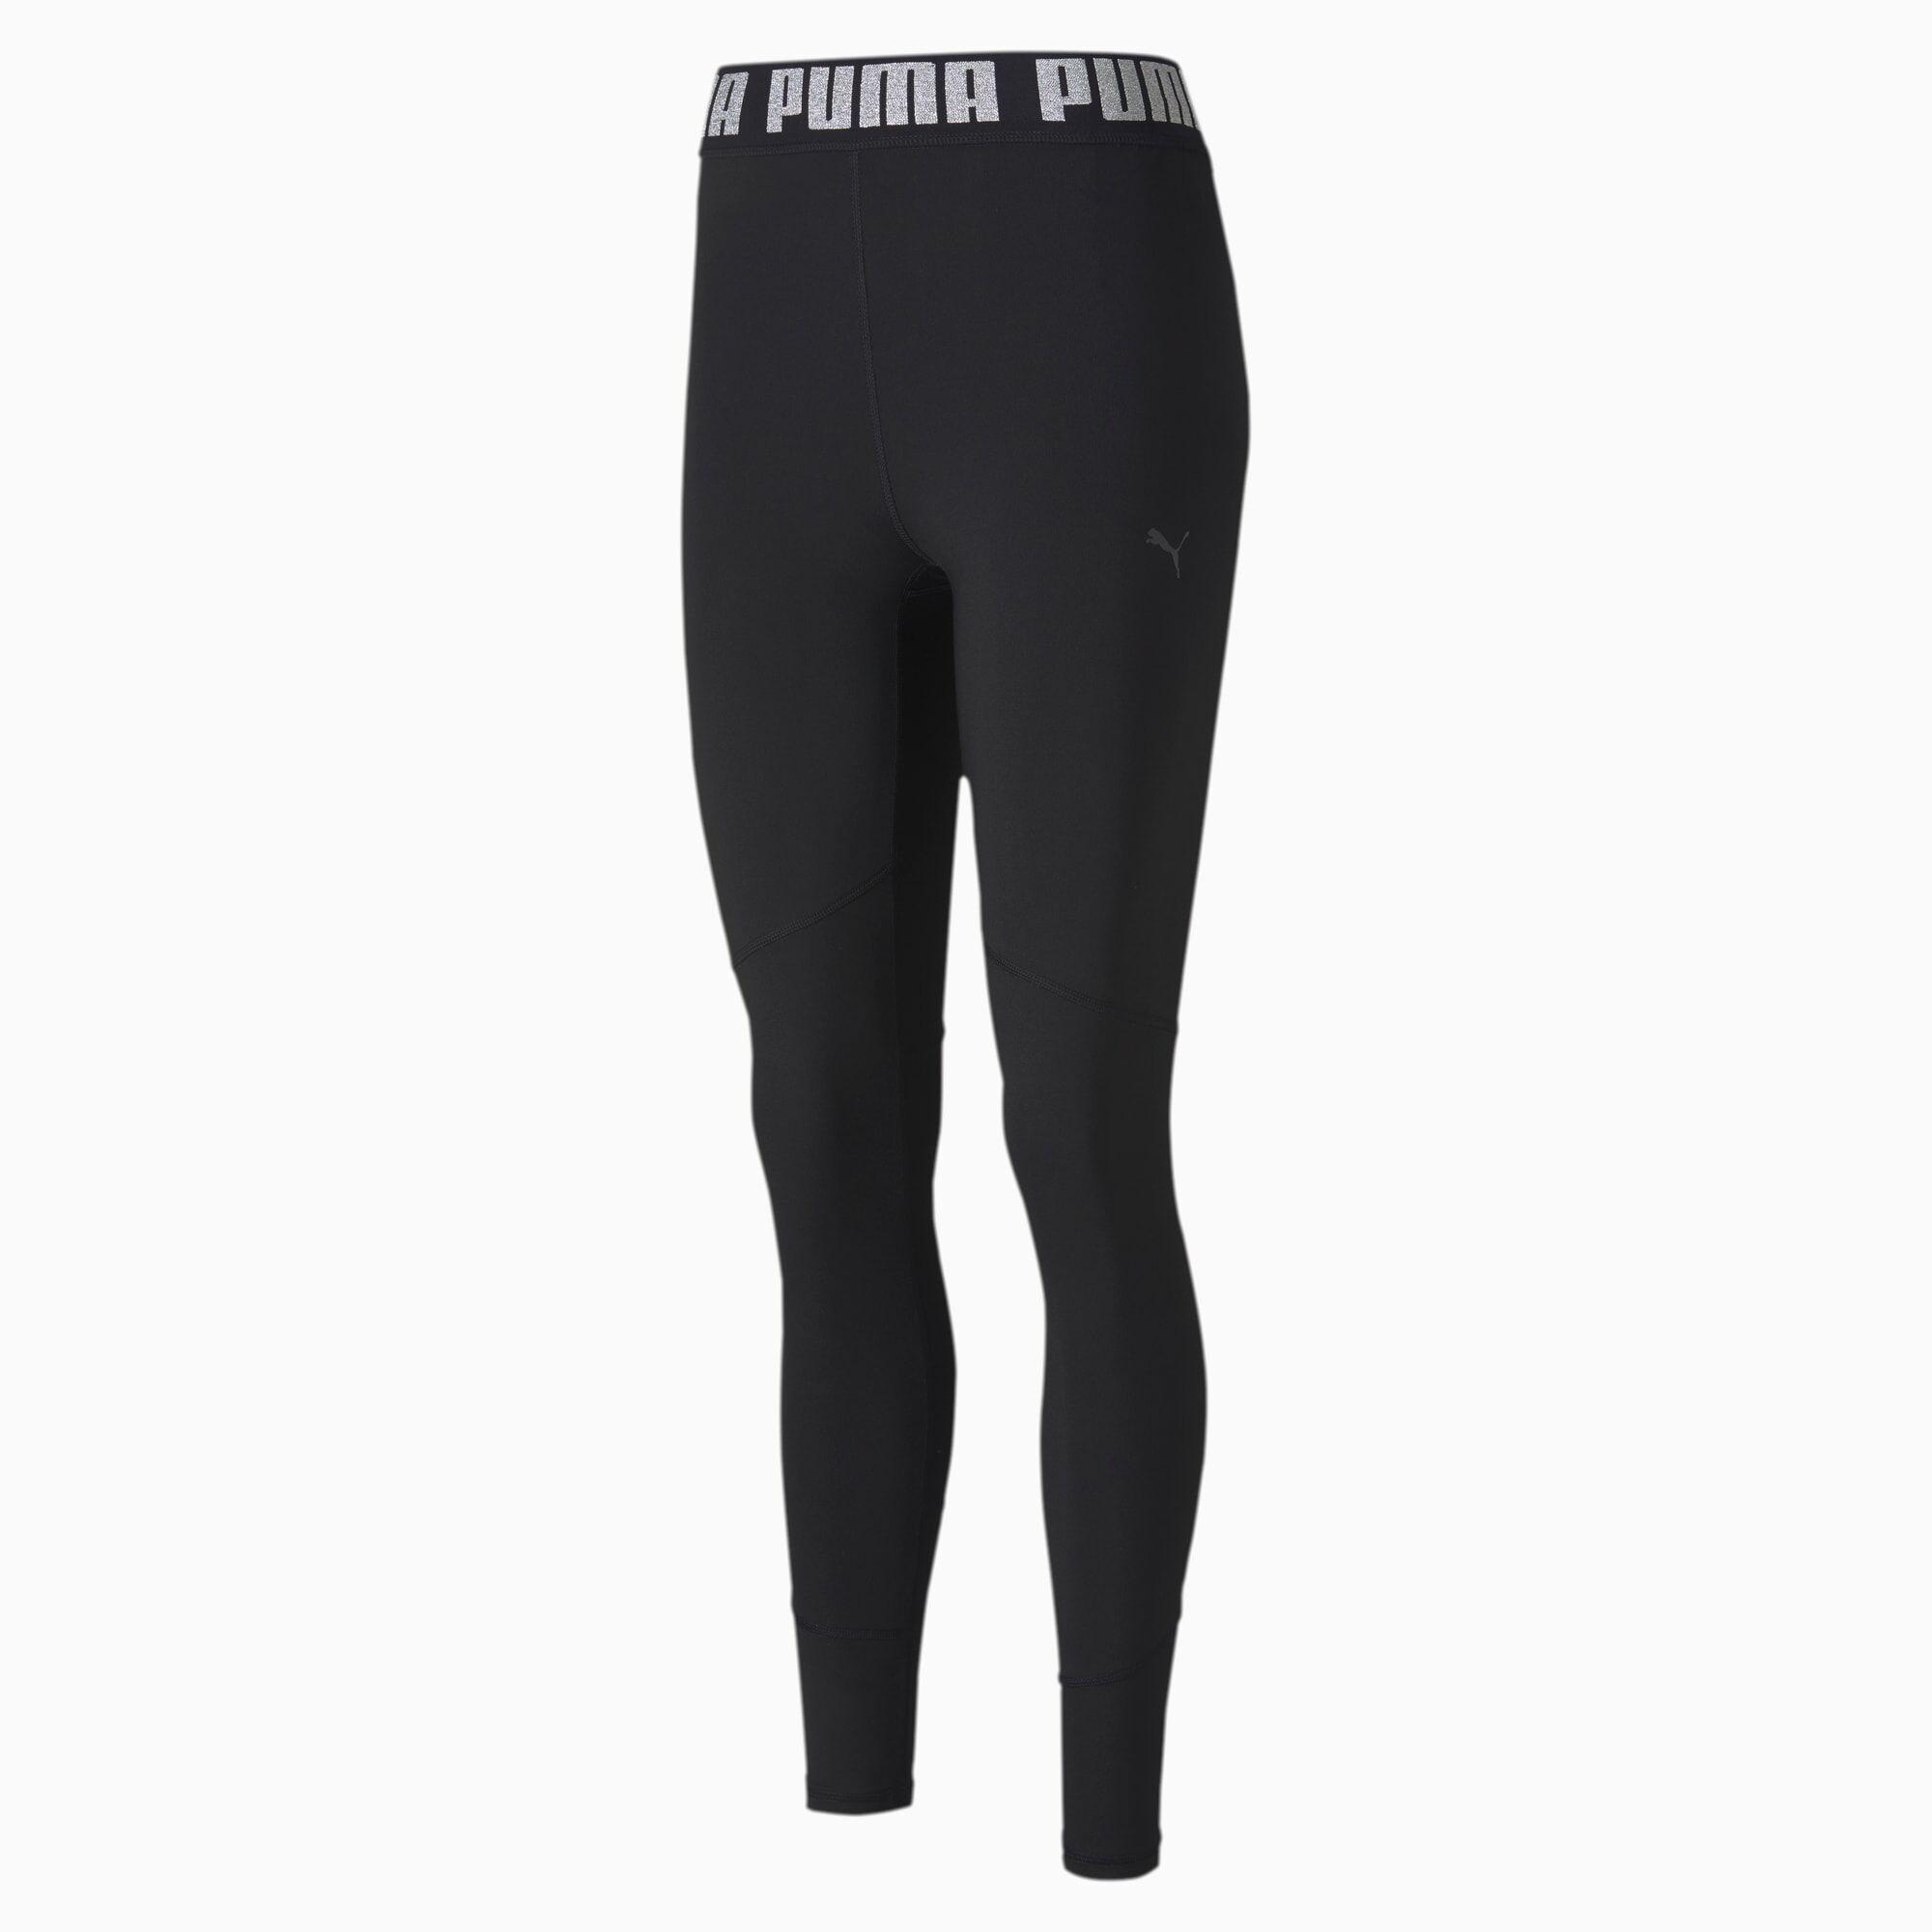 PUMA Collant Favourite Elastic 7/8 Training pour Femme, Noir, Taille S, Vêtements